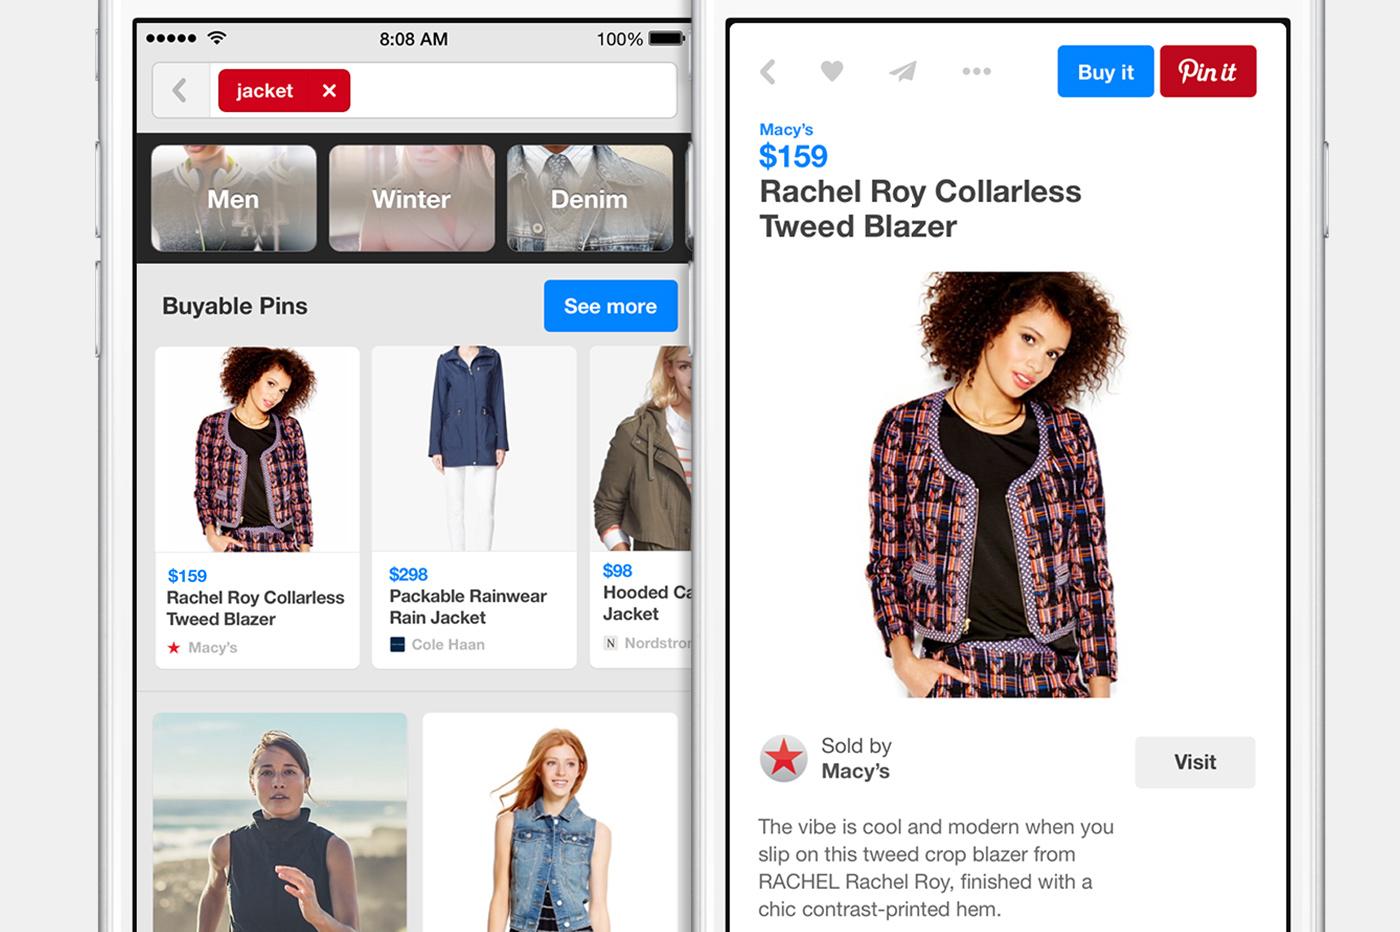 רכישת מוצרים בפינטרסט – Shopping On Pinterest With Buyable Pins